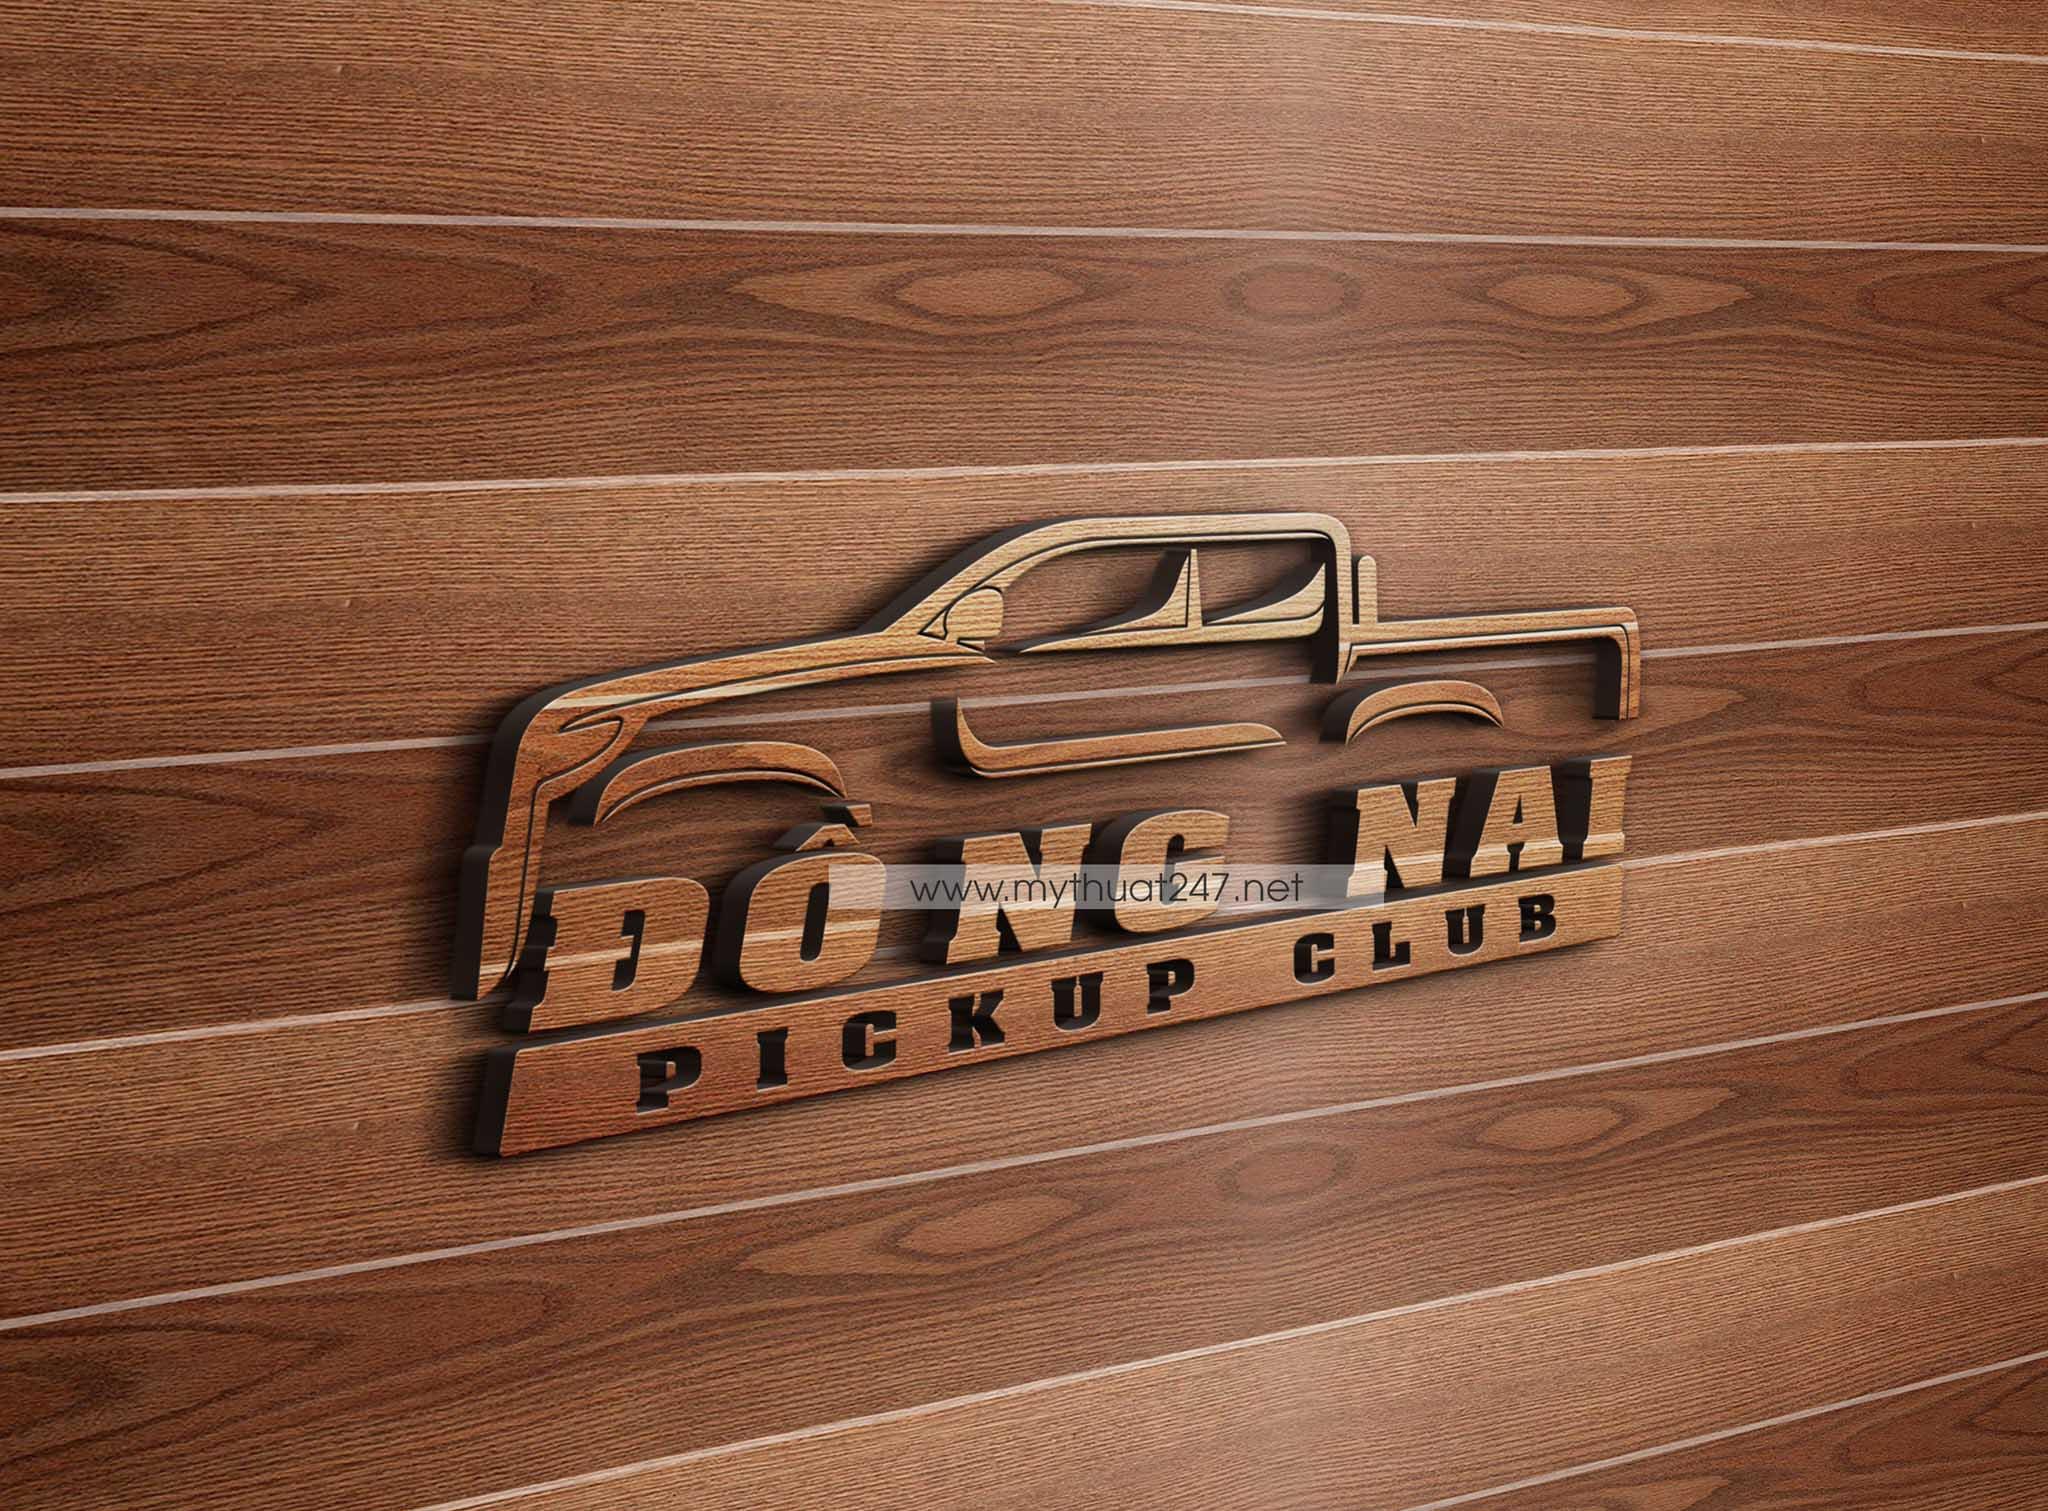 thiết kế logo câu lạc bộ ford ranger đồng nai